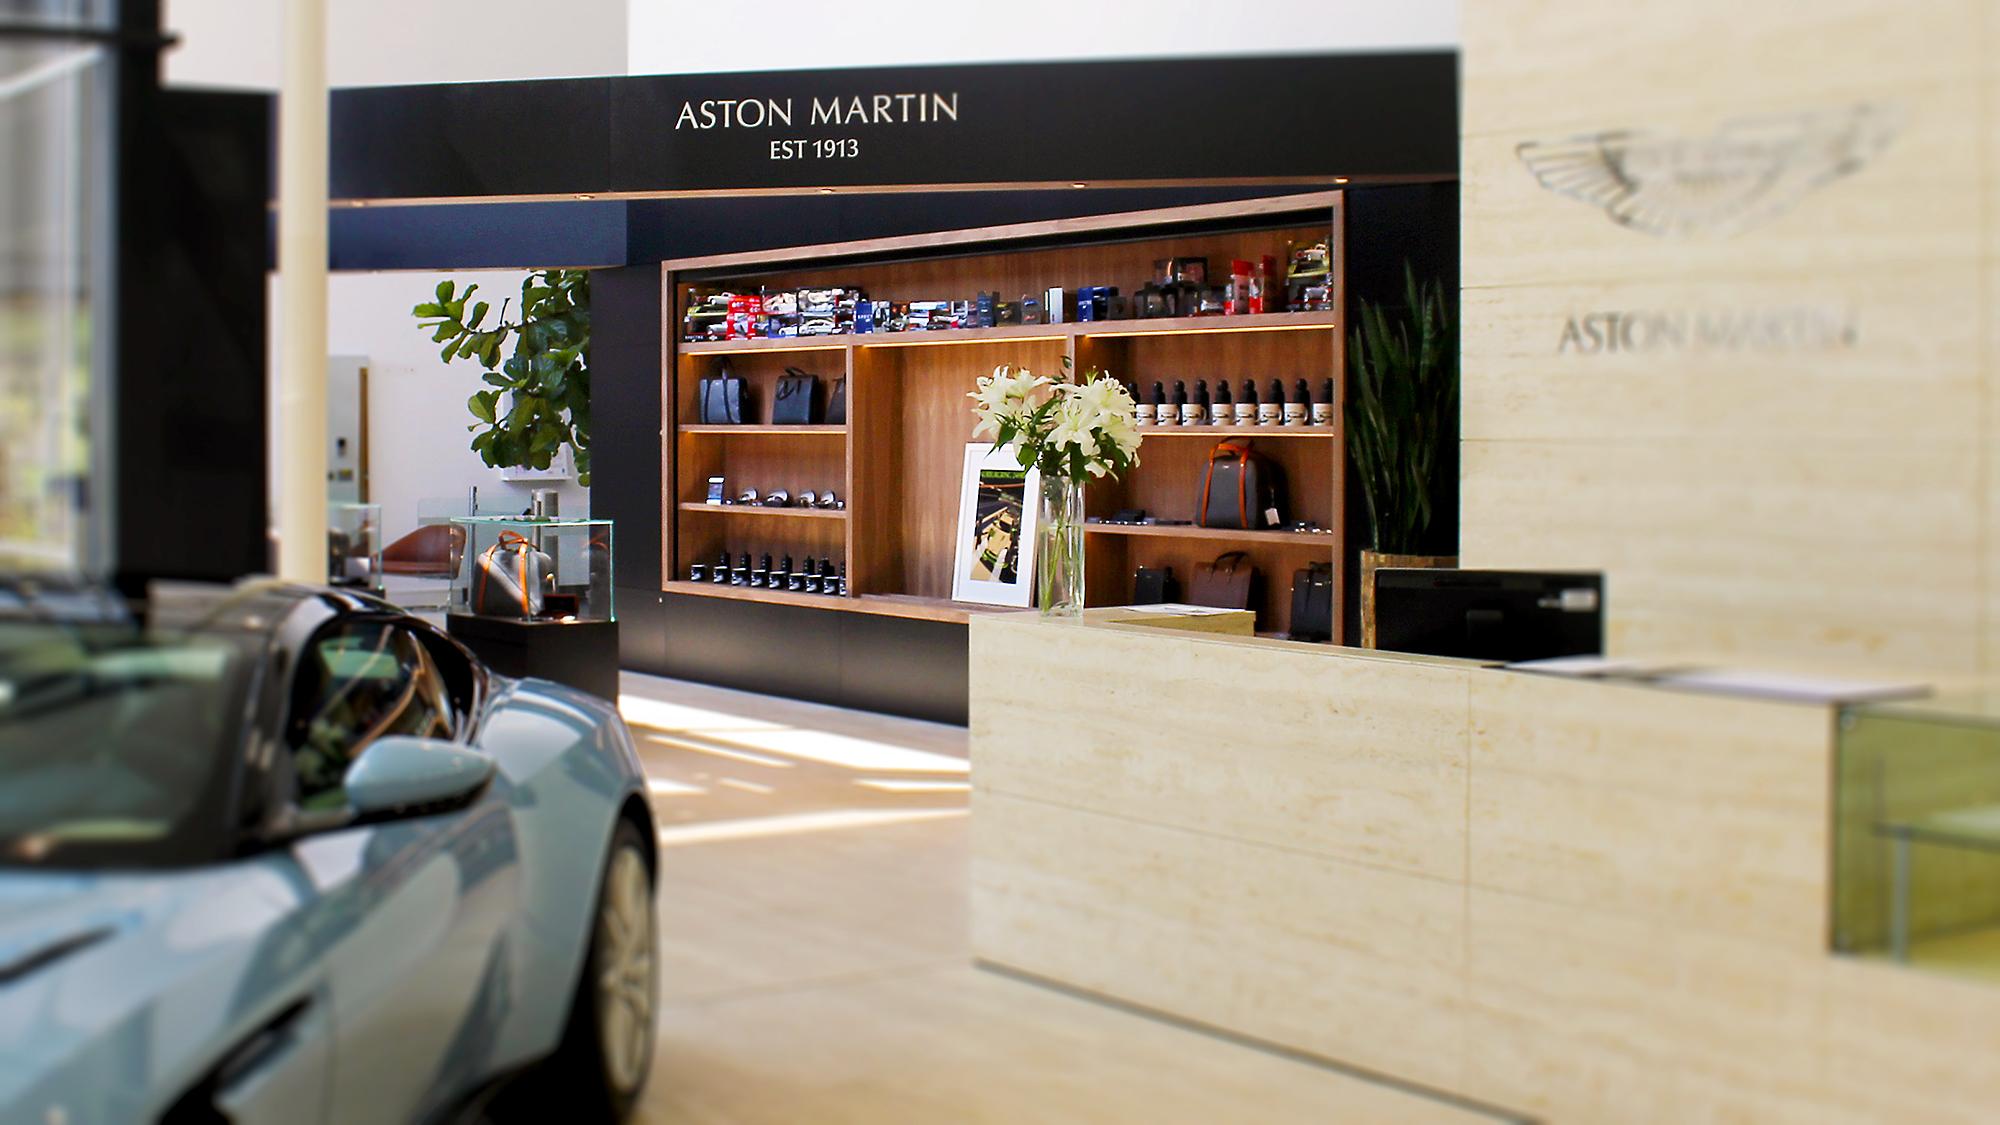 aston martin gls design. Black Bedroom Furniture Sets. Home Design Ideas